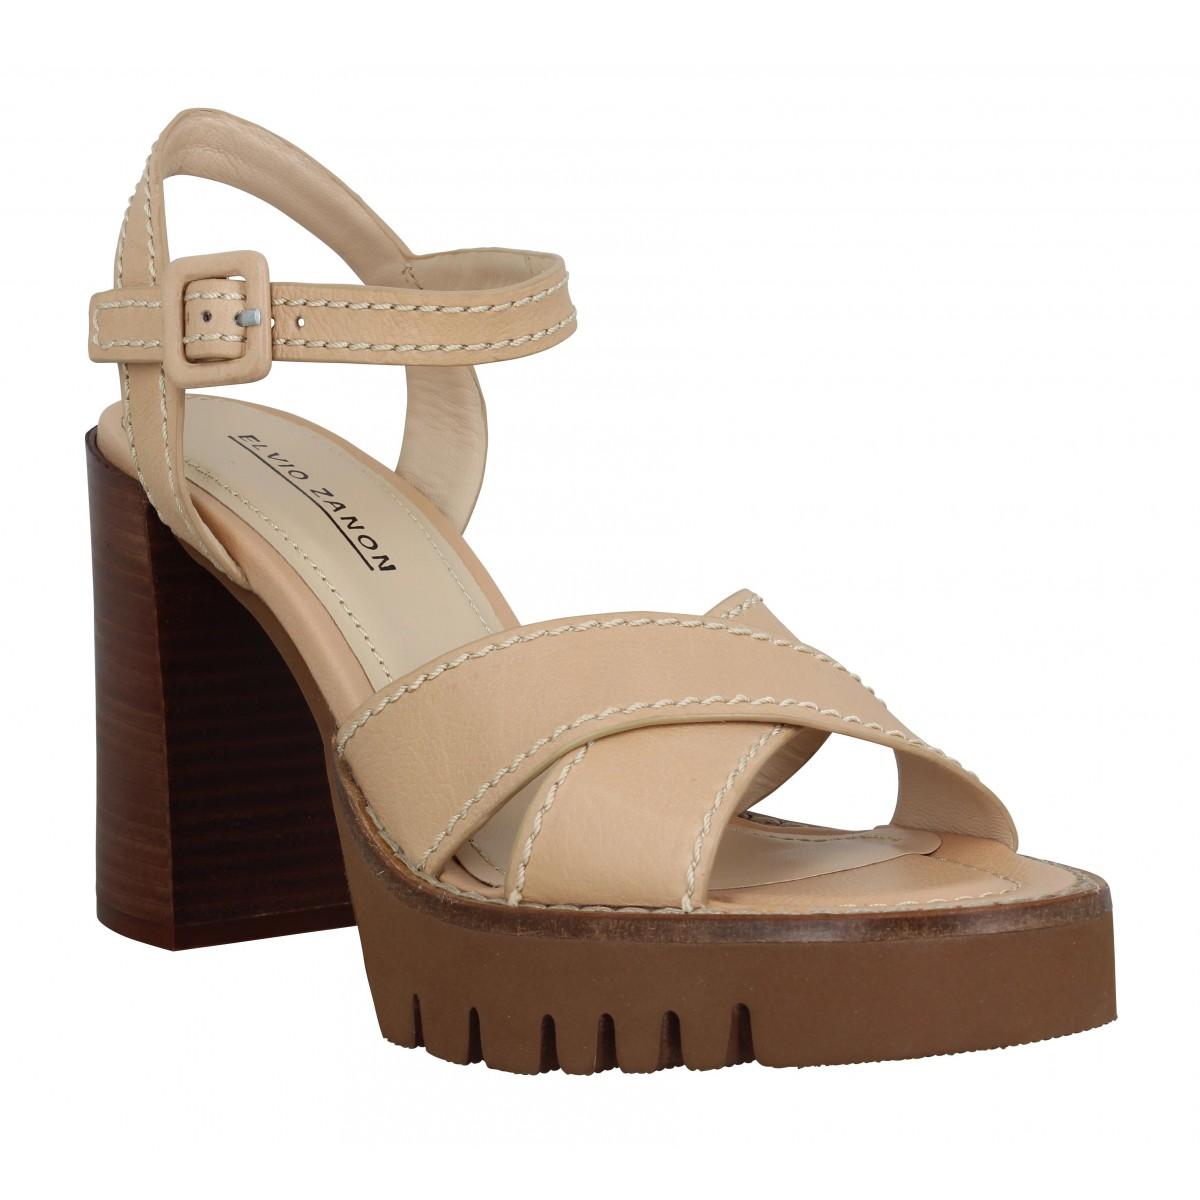 Sandales talons ELVIO ZANON 903 cuir Femme Nude